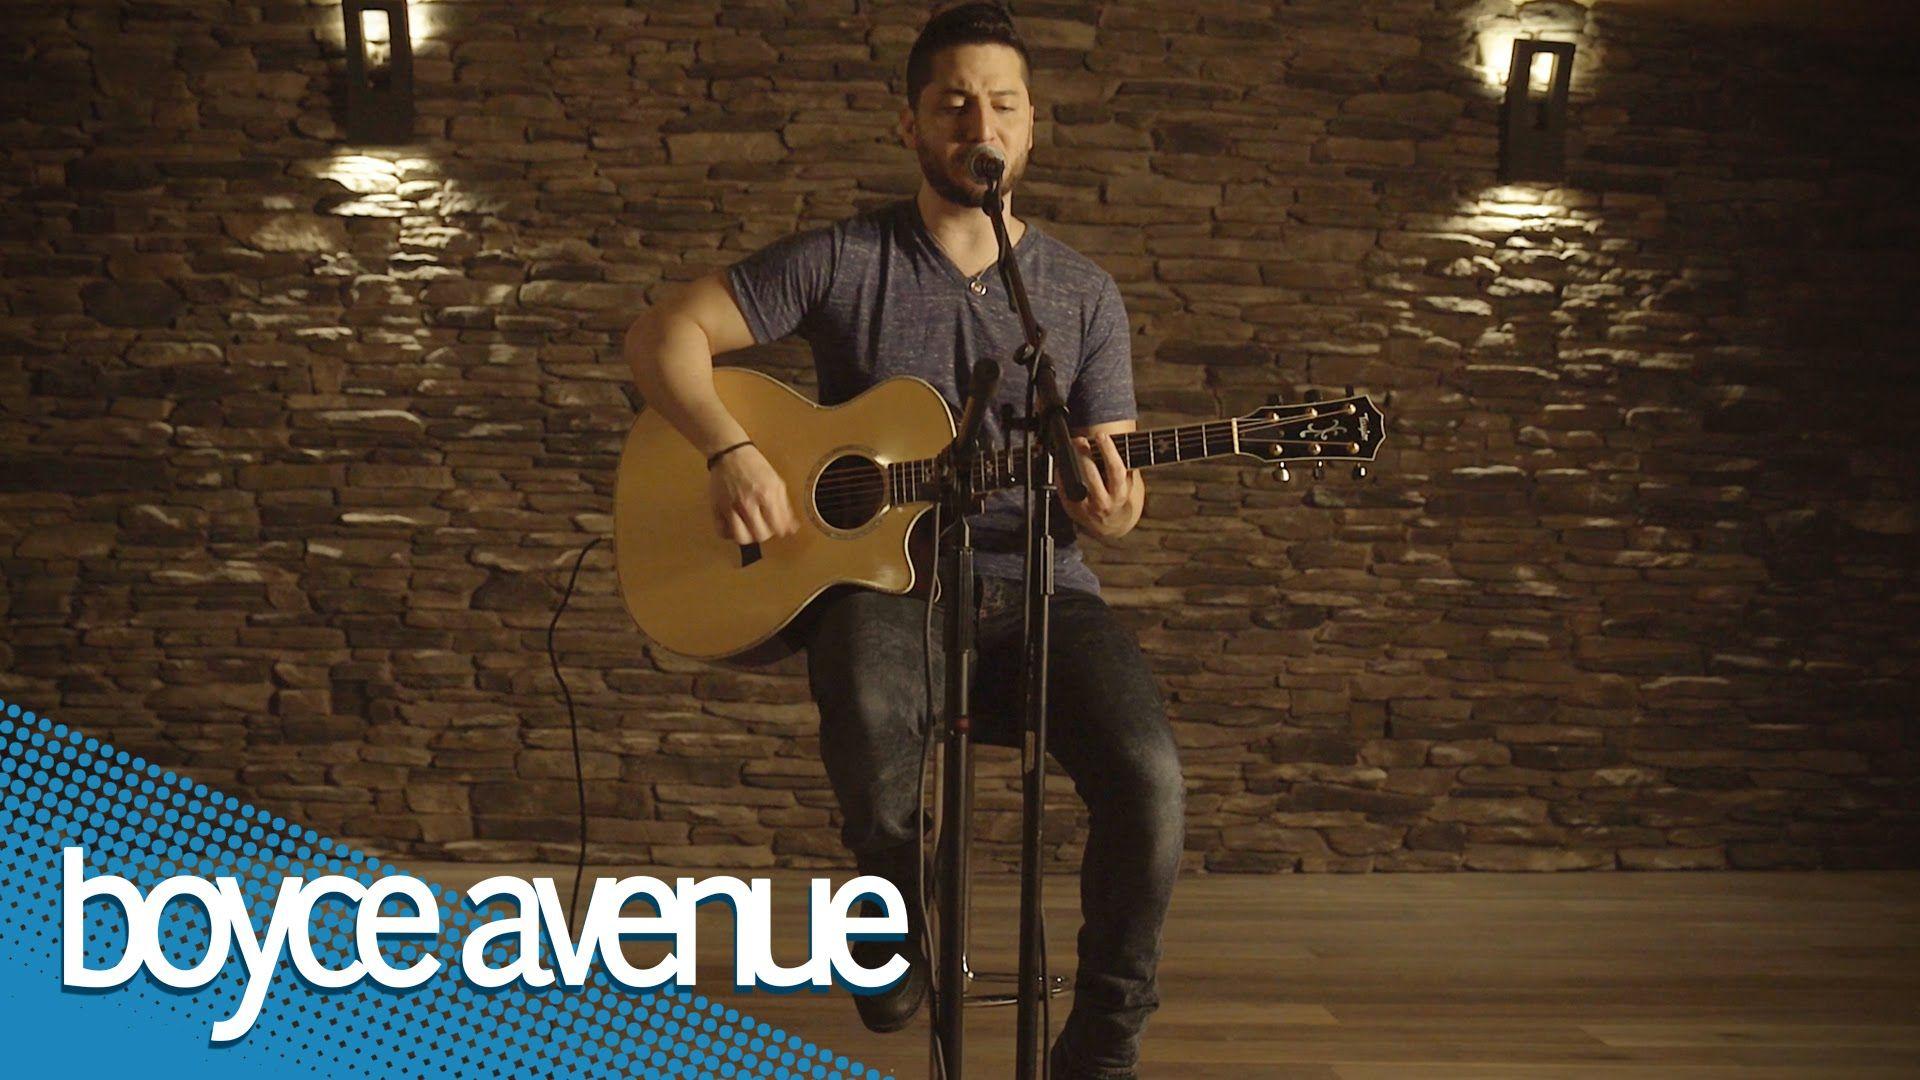 Everlong Foo Fighters Boyce Avenue Acoustic Cover On Apple Spotify Acoustic Covers Foo Fighters Boyce Avenue